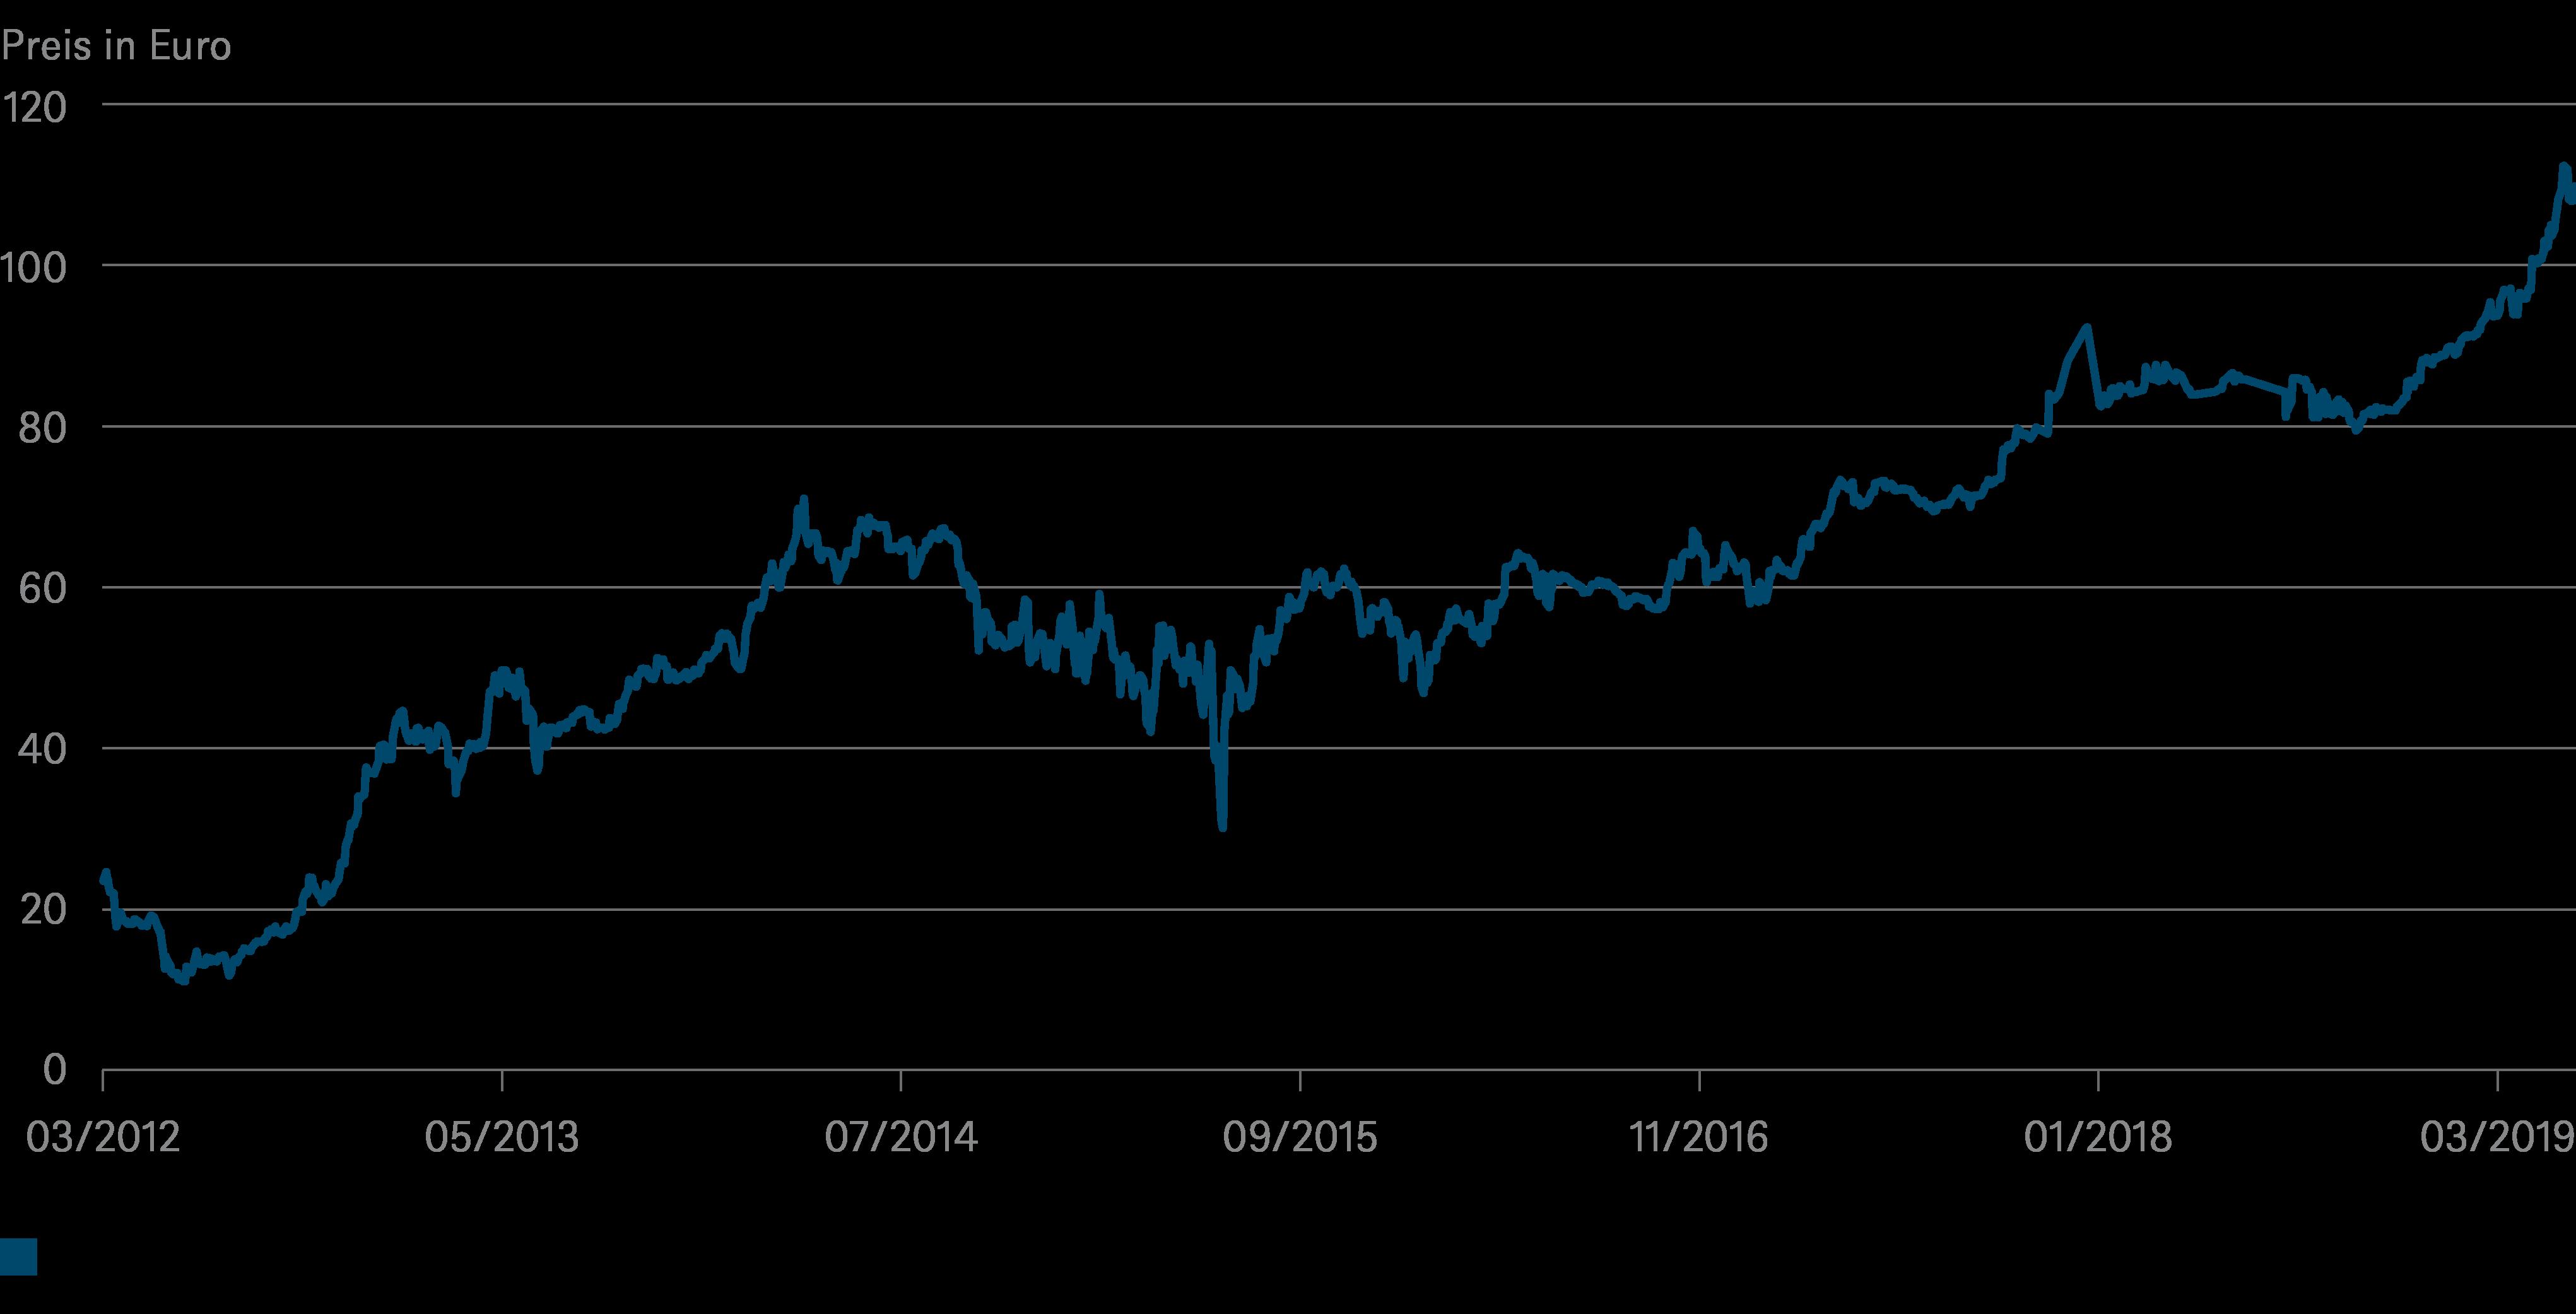 Quellen: Bloomberg Finance L.P., DWS Investment GmbH; Stand: 18.07.2019 *) Benchmark griechische Staatsanleihe, fällig am 24.02.2042